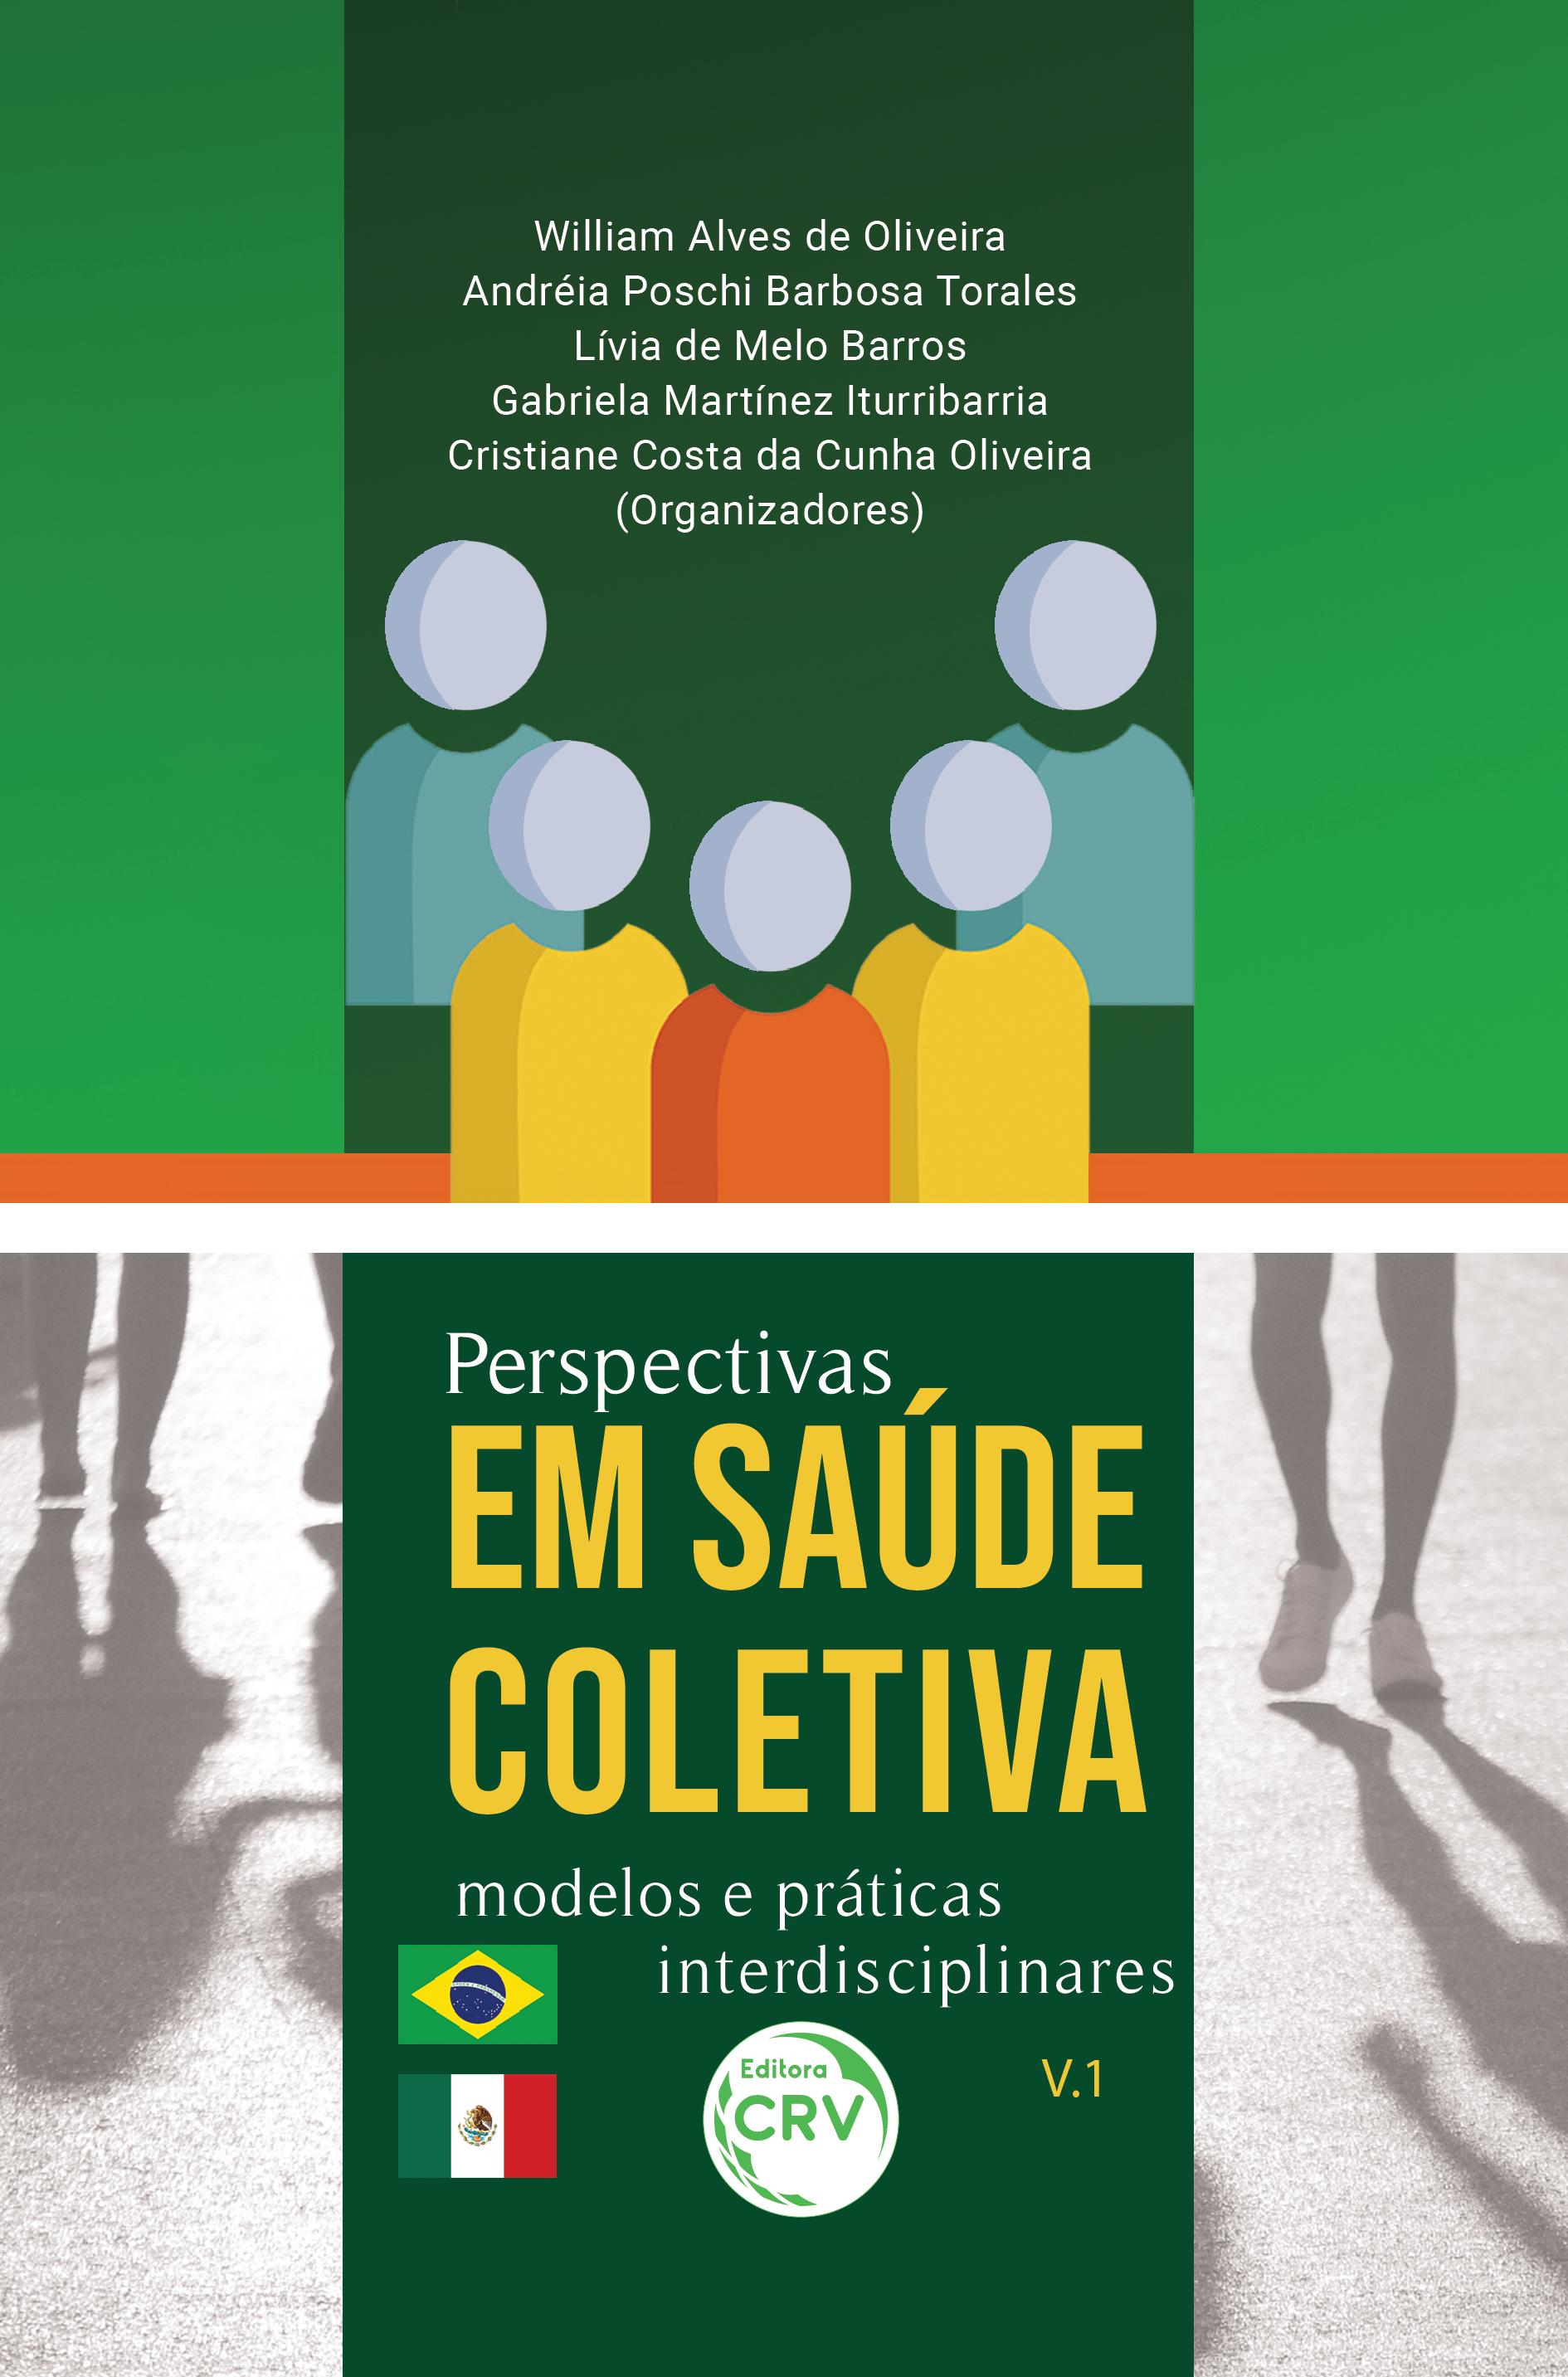 Capa do livro: PERSPECTIVAS EM SAÚDE COLETIVA: <br>modelos e práticas interdisciplinares - Volume 1